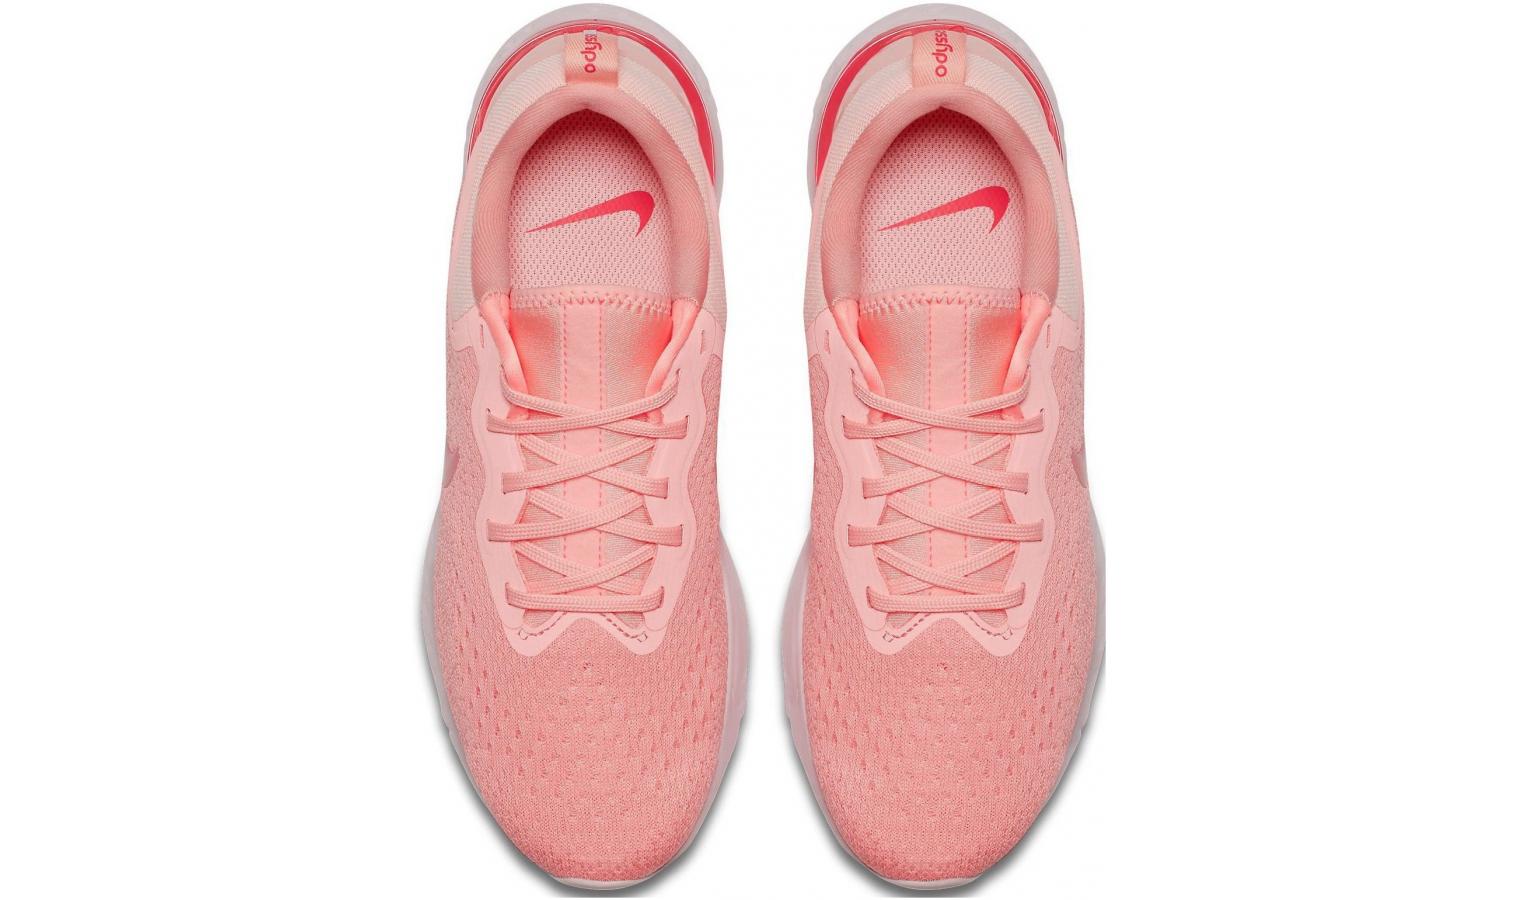 ... Dámské běžecké boty Nike ODYSSEY REACT W růžové. 0 Kč Sleva 000862f5675